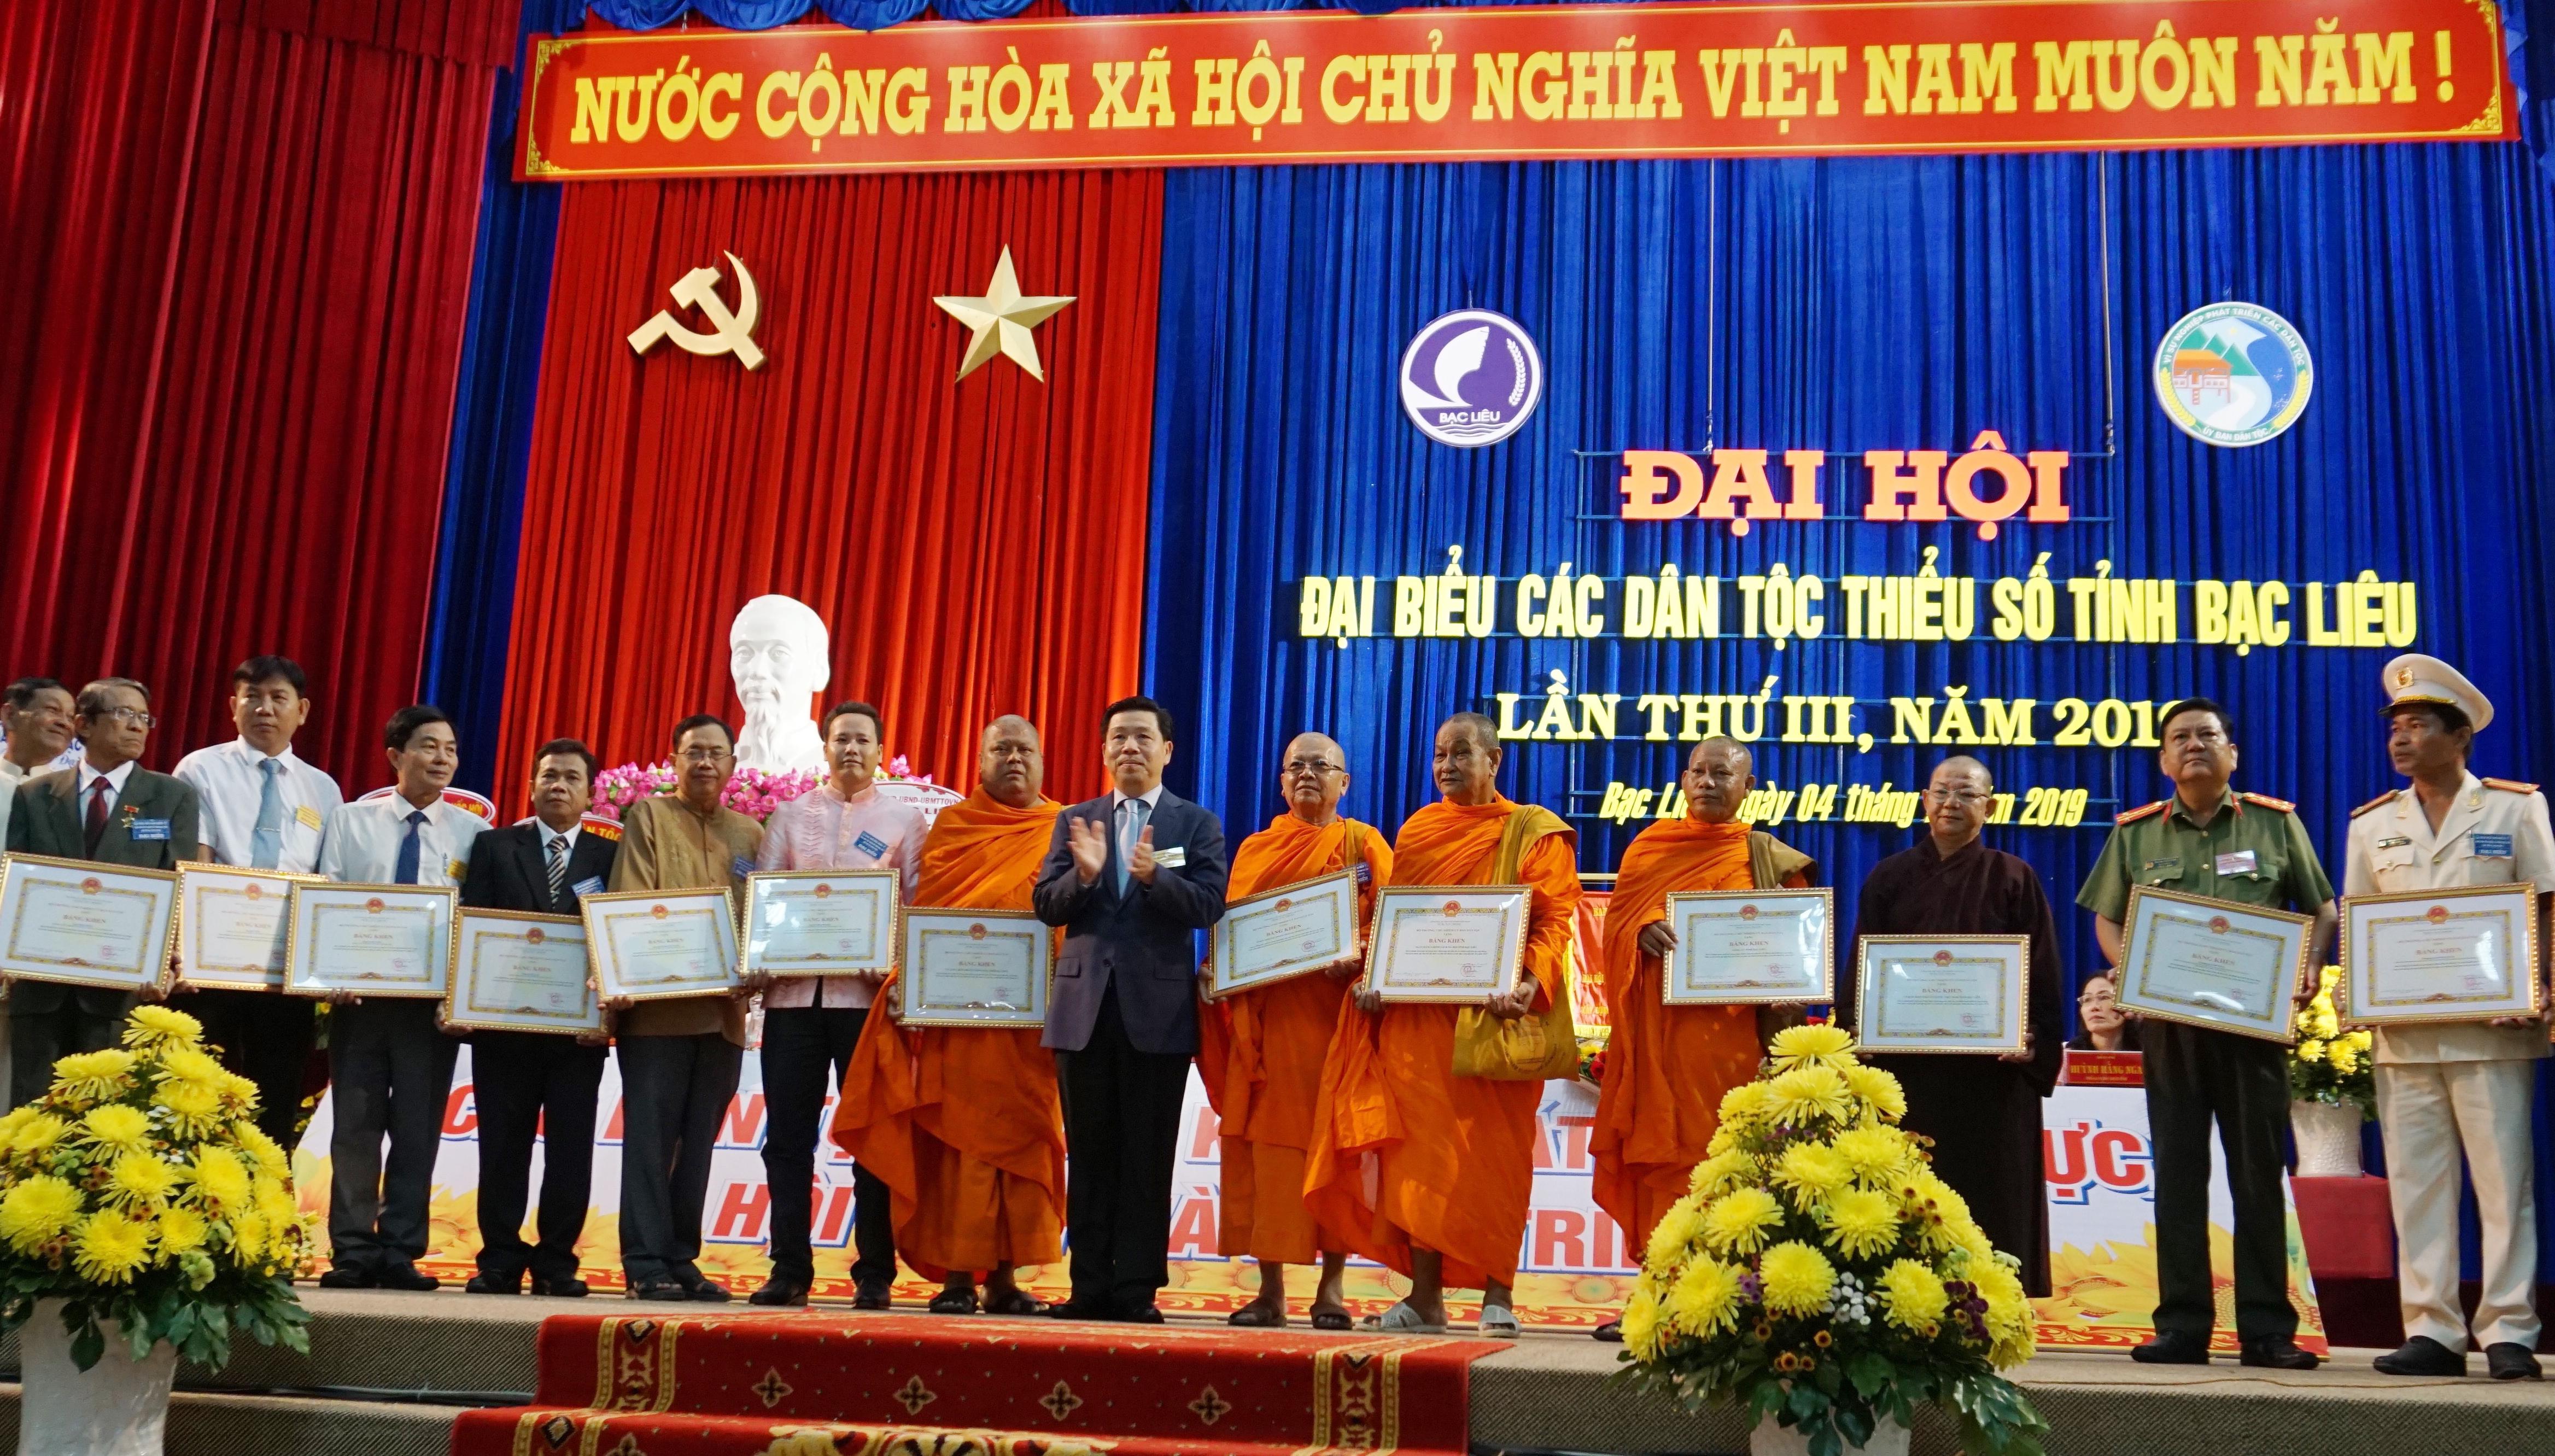 Thứ trưởng, Phó Chủ nhiệm UBDT Lê Sơn Hải trao Bằng khen của Bộ trưởng, Chủ nhiệm UBDT cho các tập thể và cá nhân